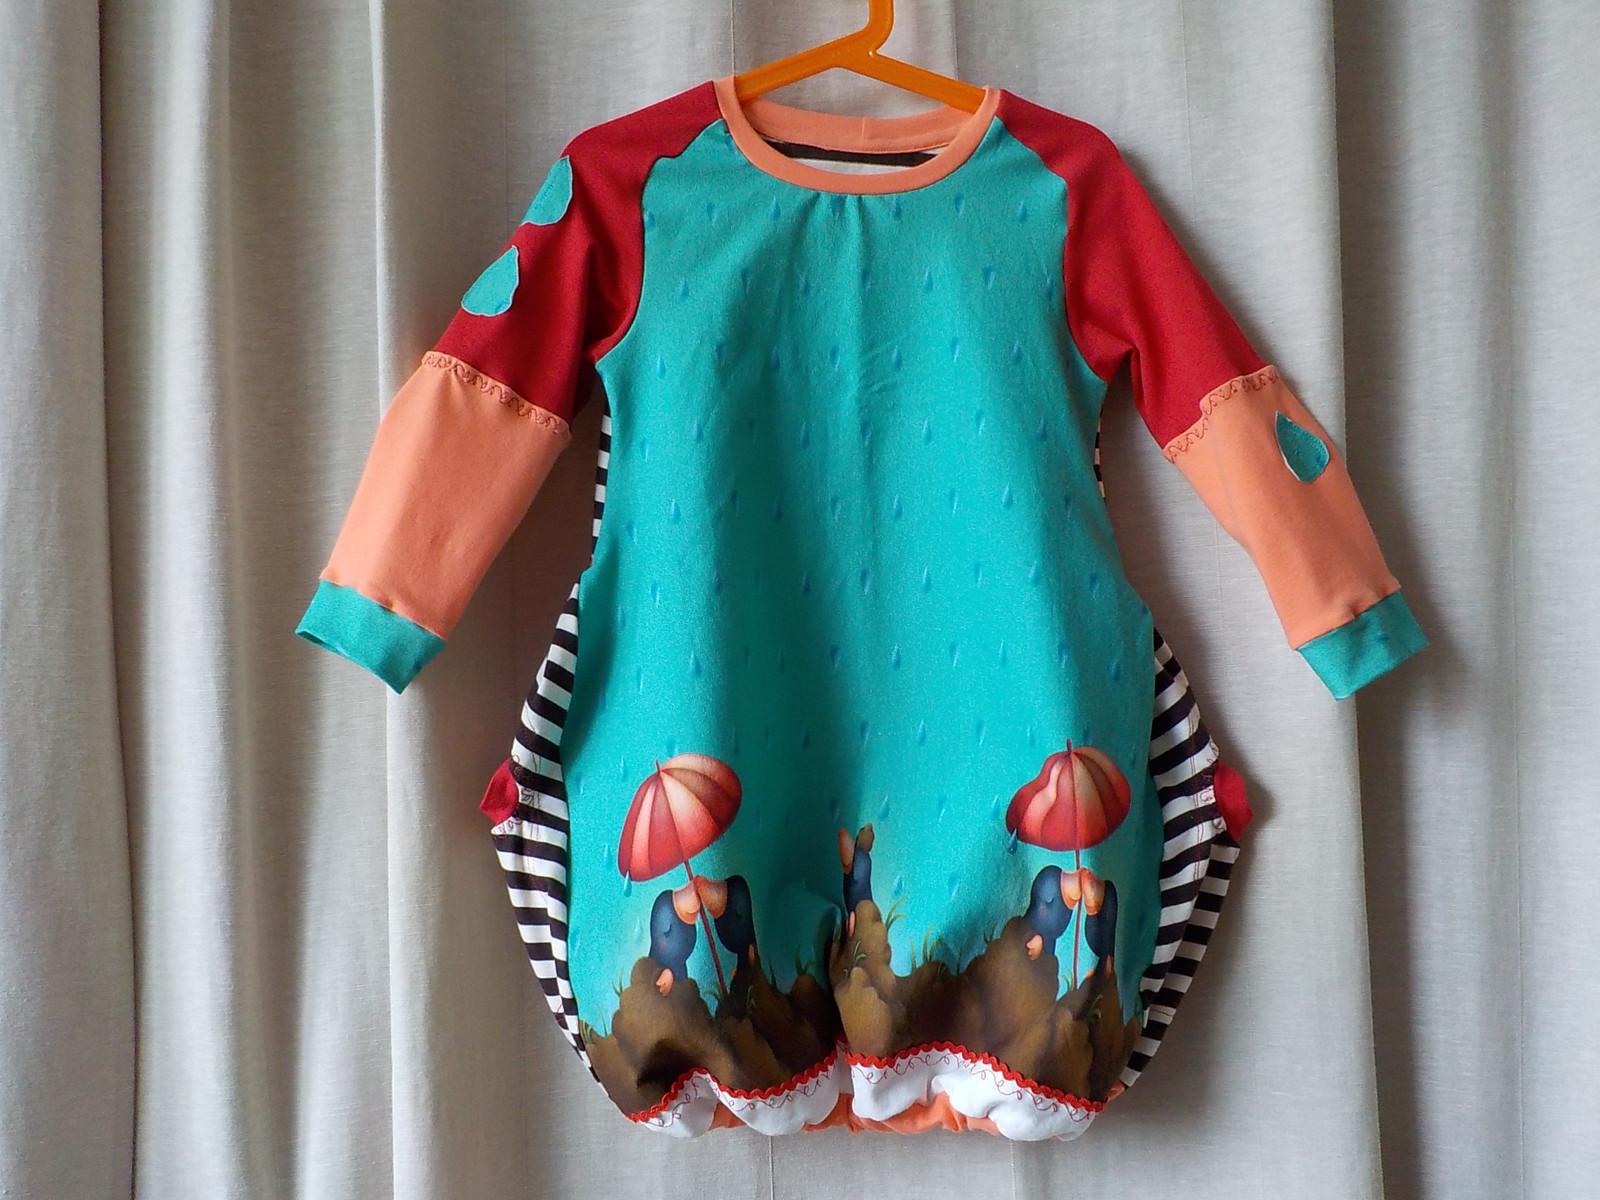 3fb6b386e596 Detské úpletové šaty - Pod deštníkem   Zboží prodejce azavodska ...